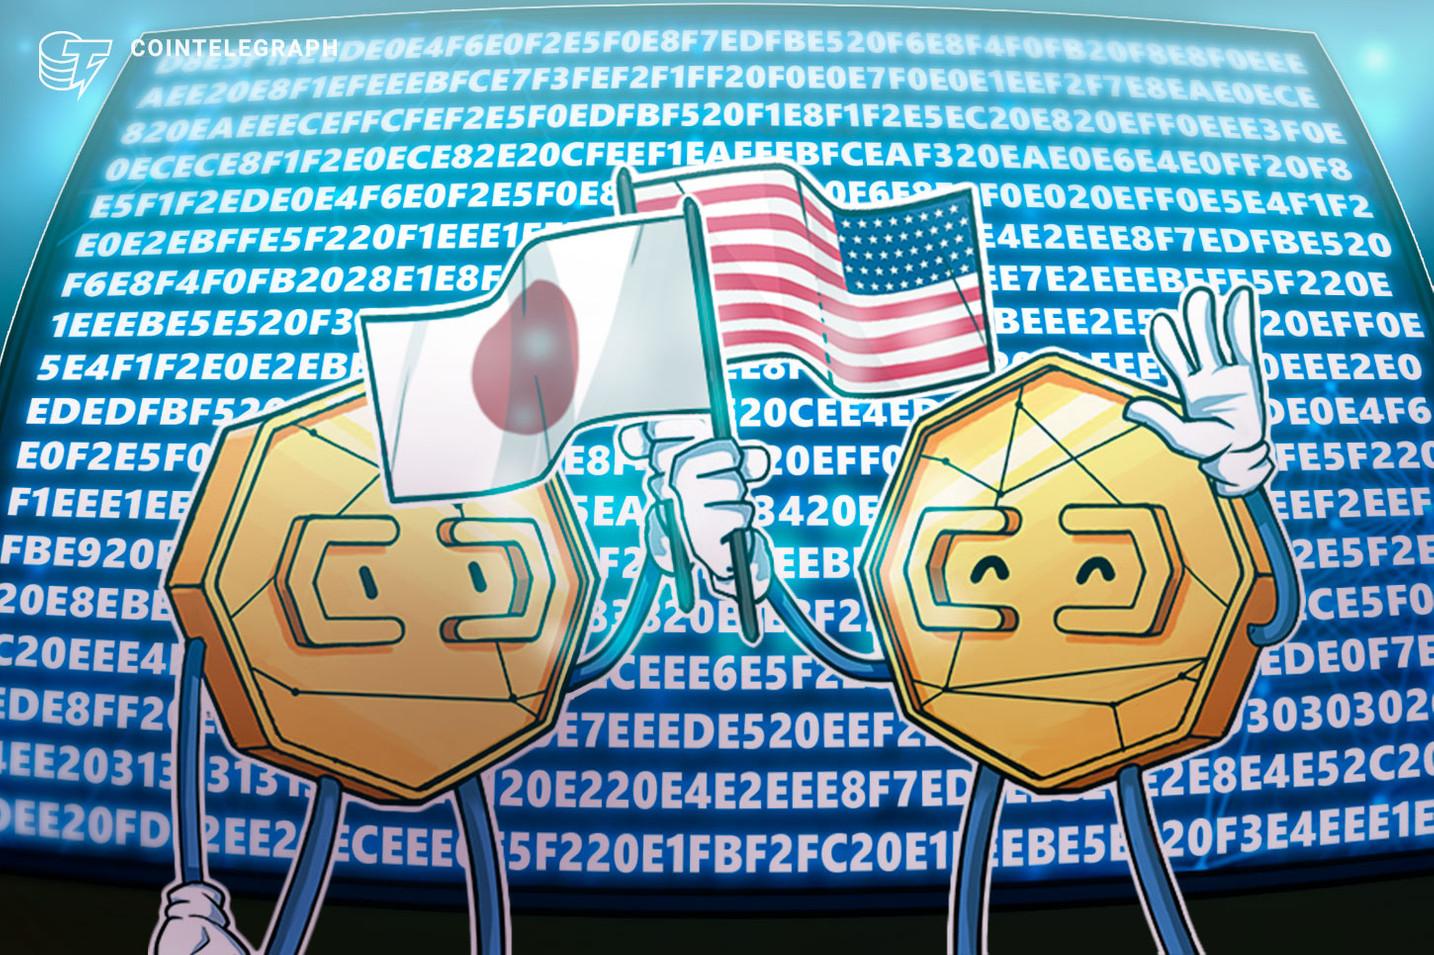 Thỏa thuận thương mại kỹ thuật số Hoa Kỳ và Nhật Bản nên bao gồm tiền điện tử: American think tank